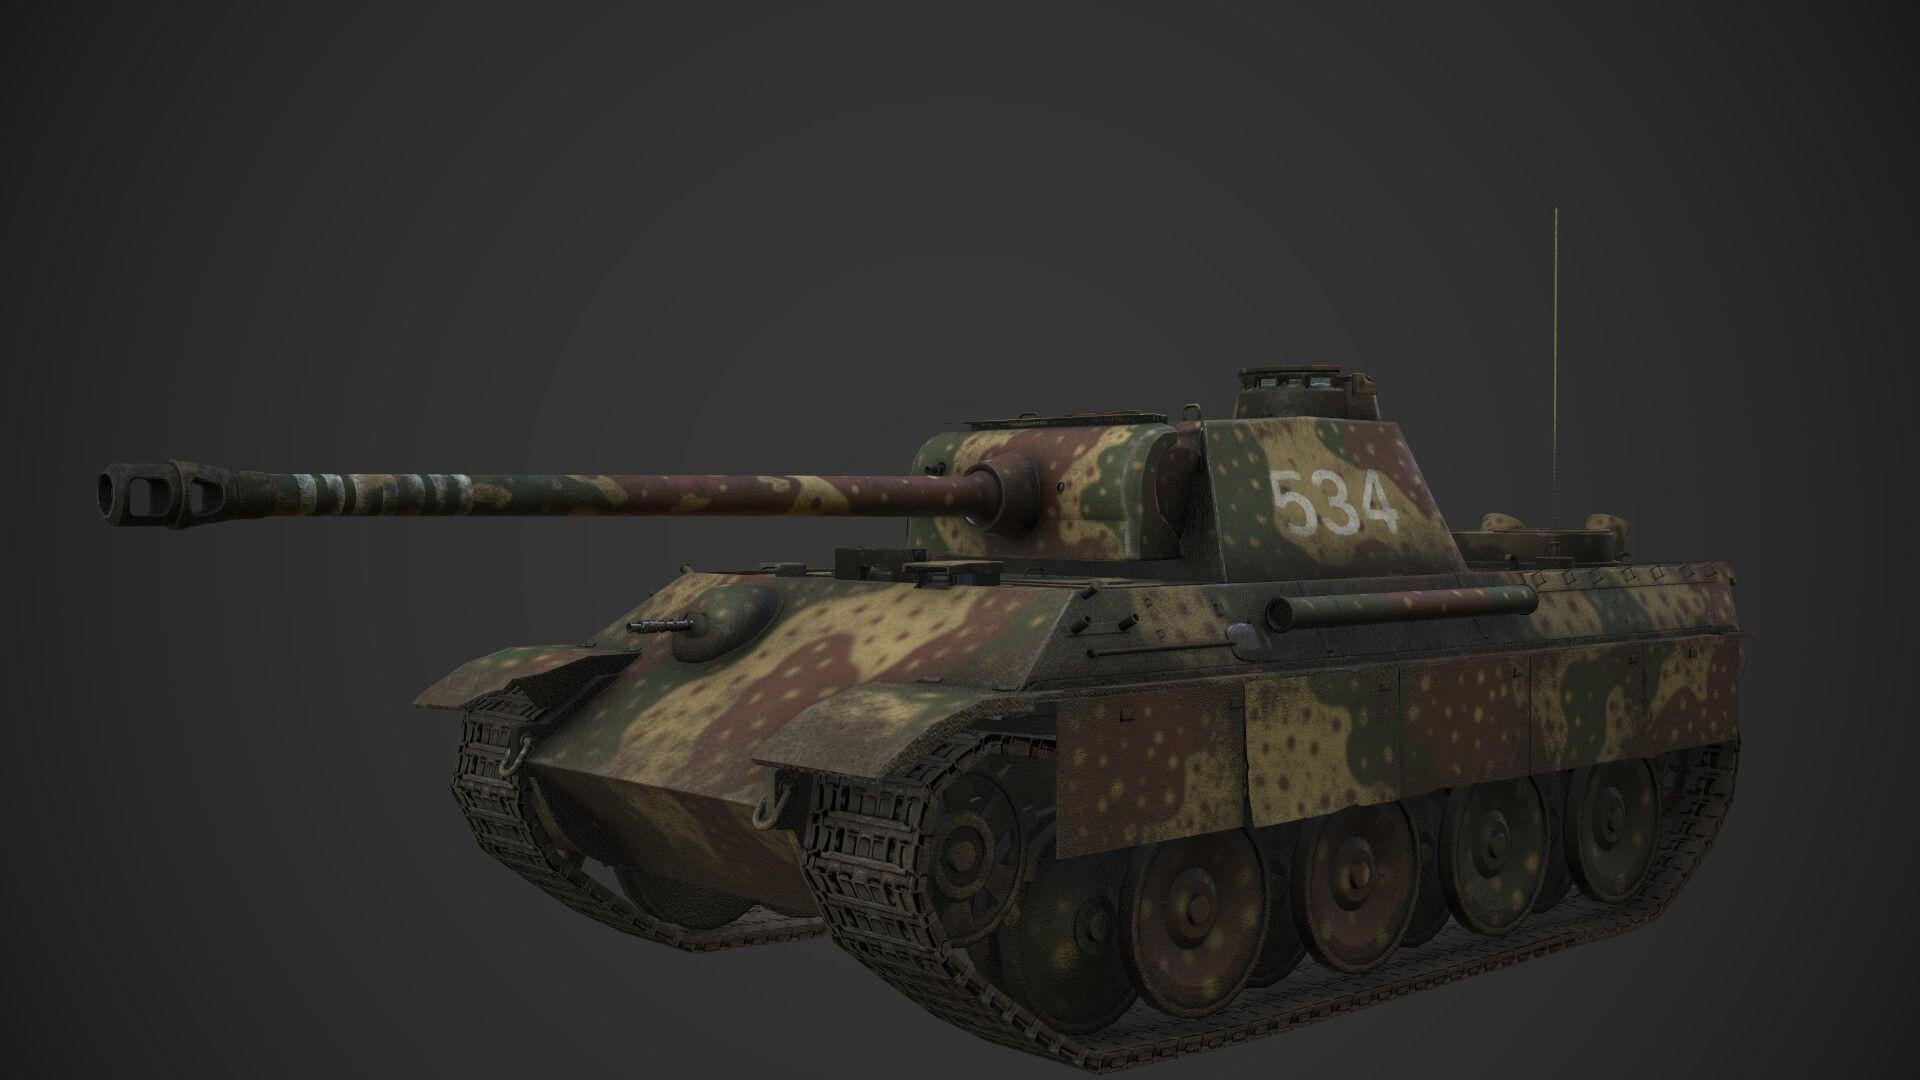 Panzer.jpg.5a5efa414053e19af4f7a742acd52b92.jpg